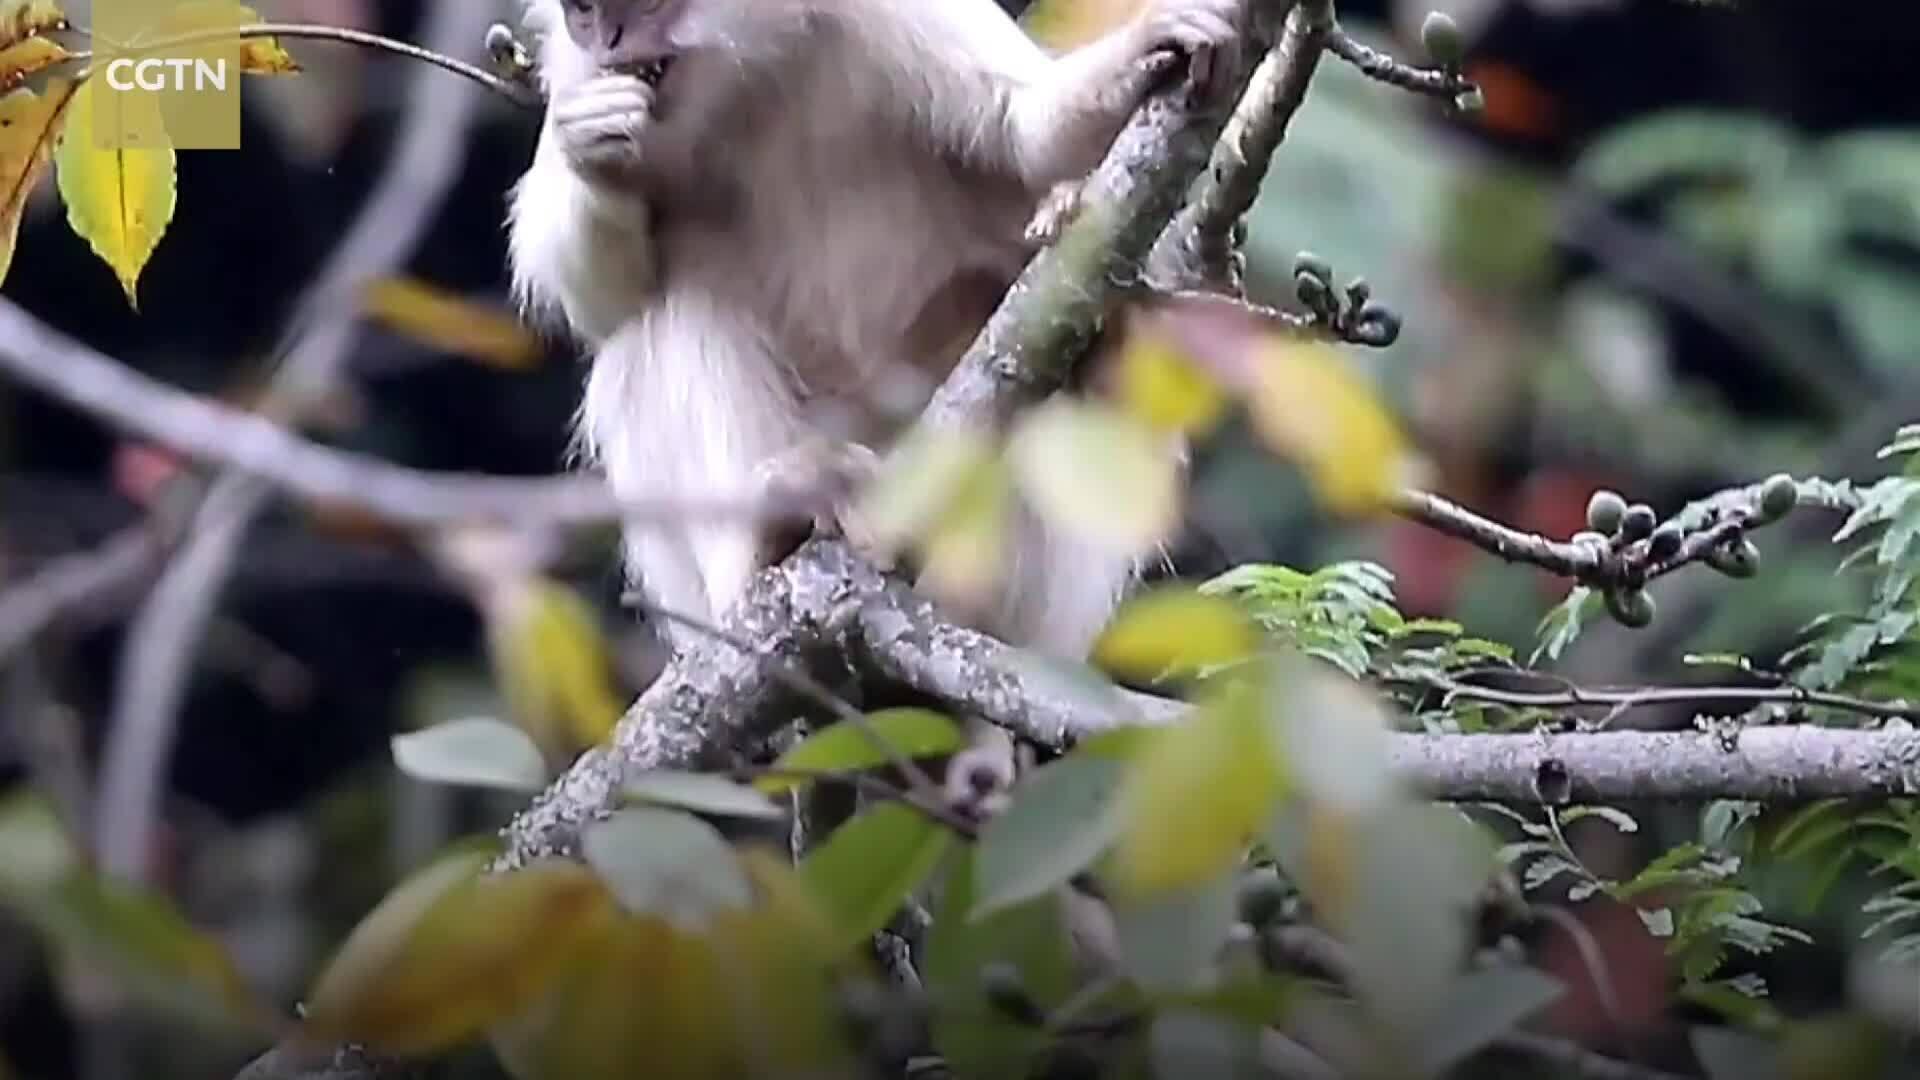 Voọc đen má trắng bạch tạng hiếm gặp tại khu bảo tồn Trung Quốc